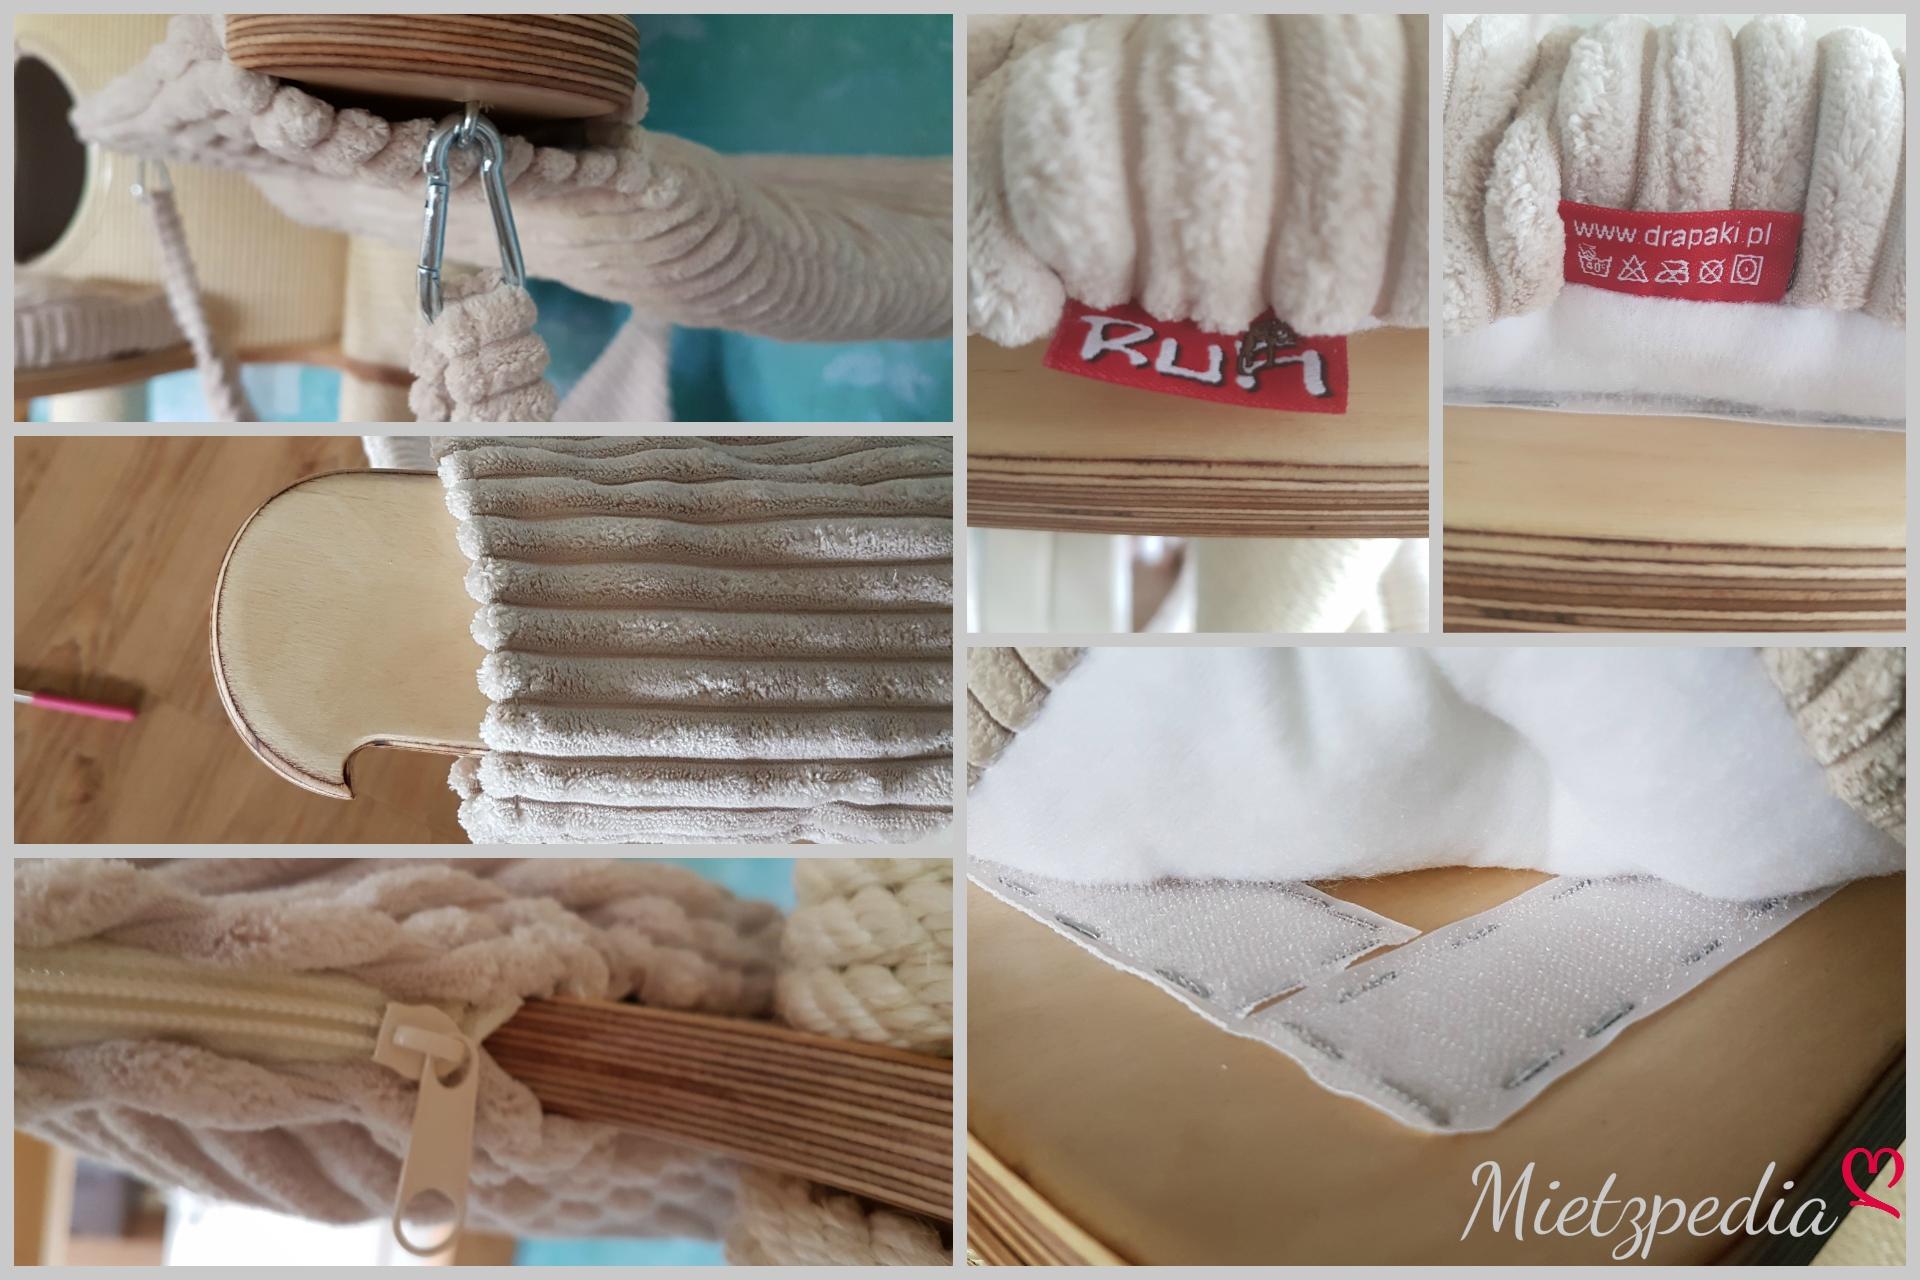 Die Bezüge sind alle abnehmbar, mit Klettverschluss, Reisverschluss oder Karabiner befestigt und zudem bis 40°C waschbar